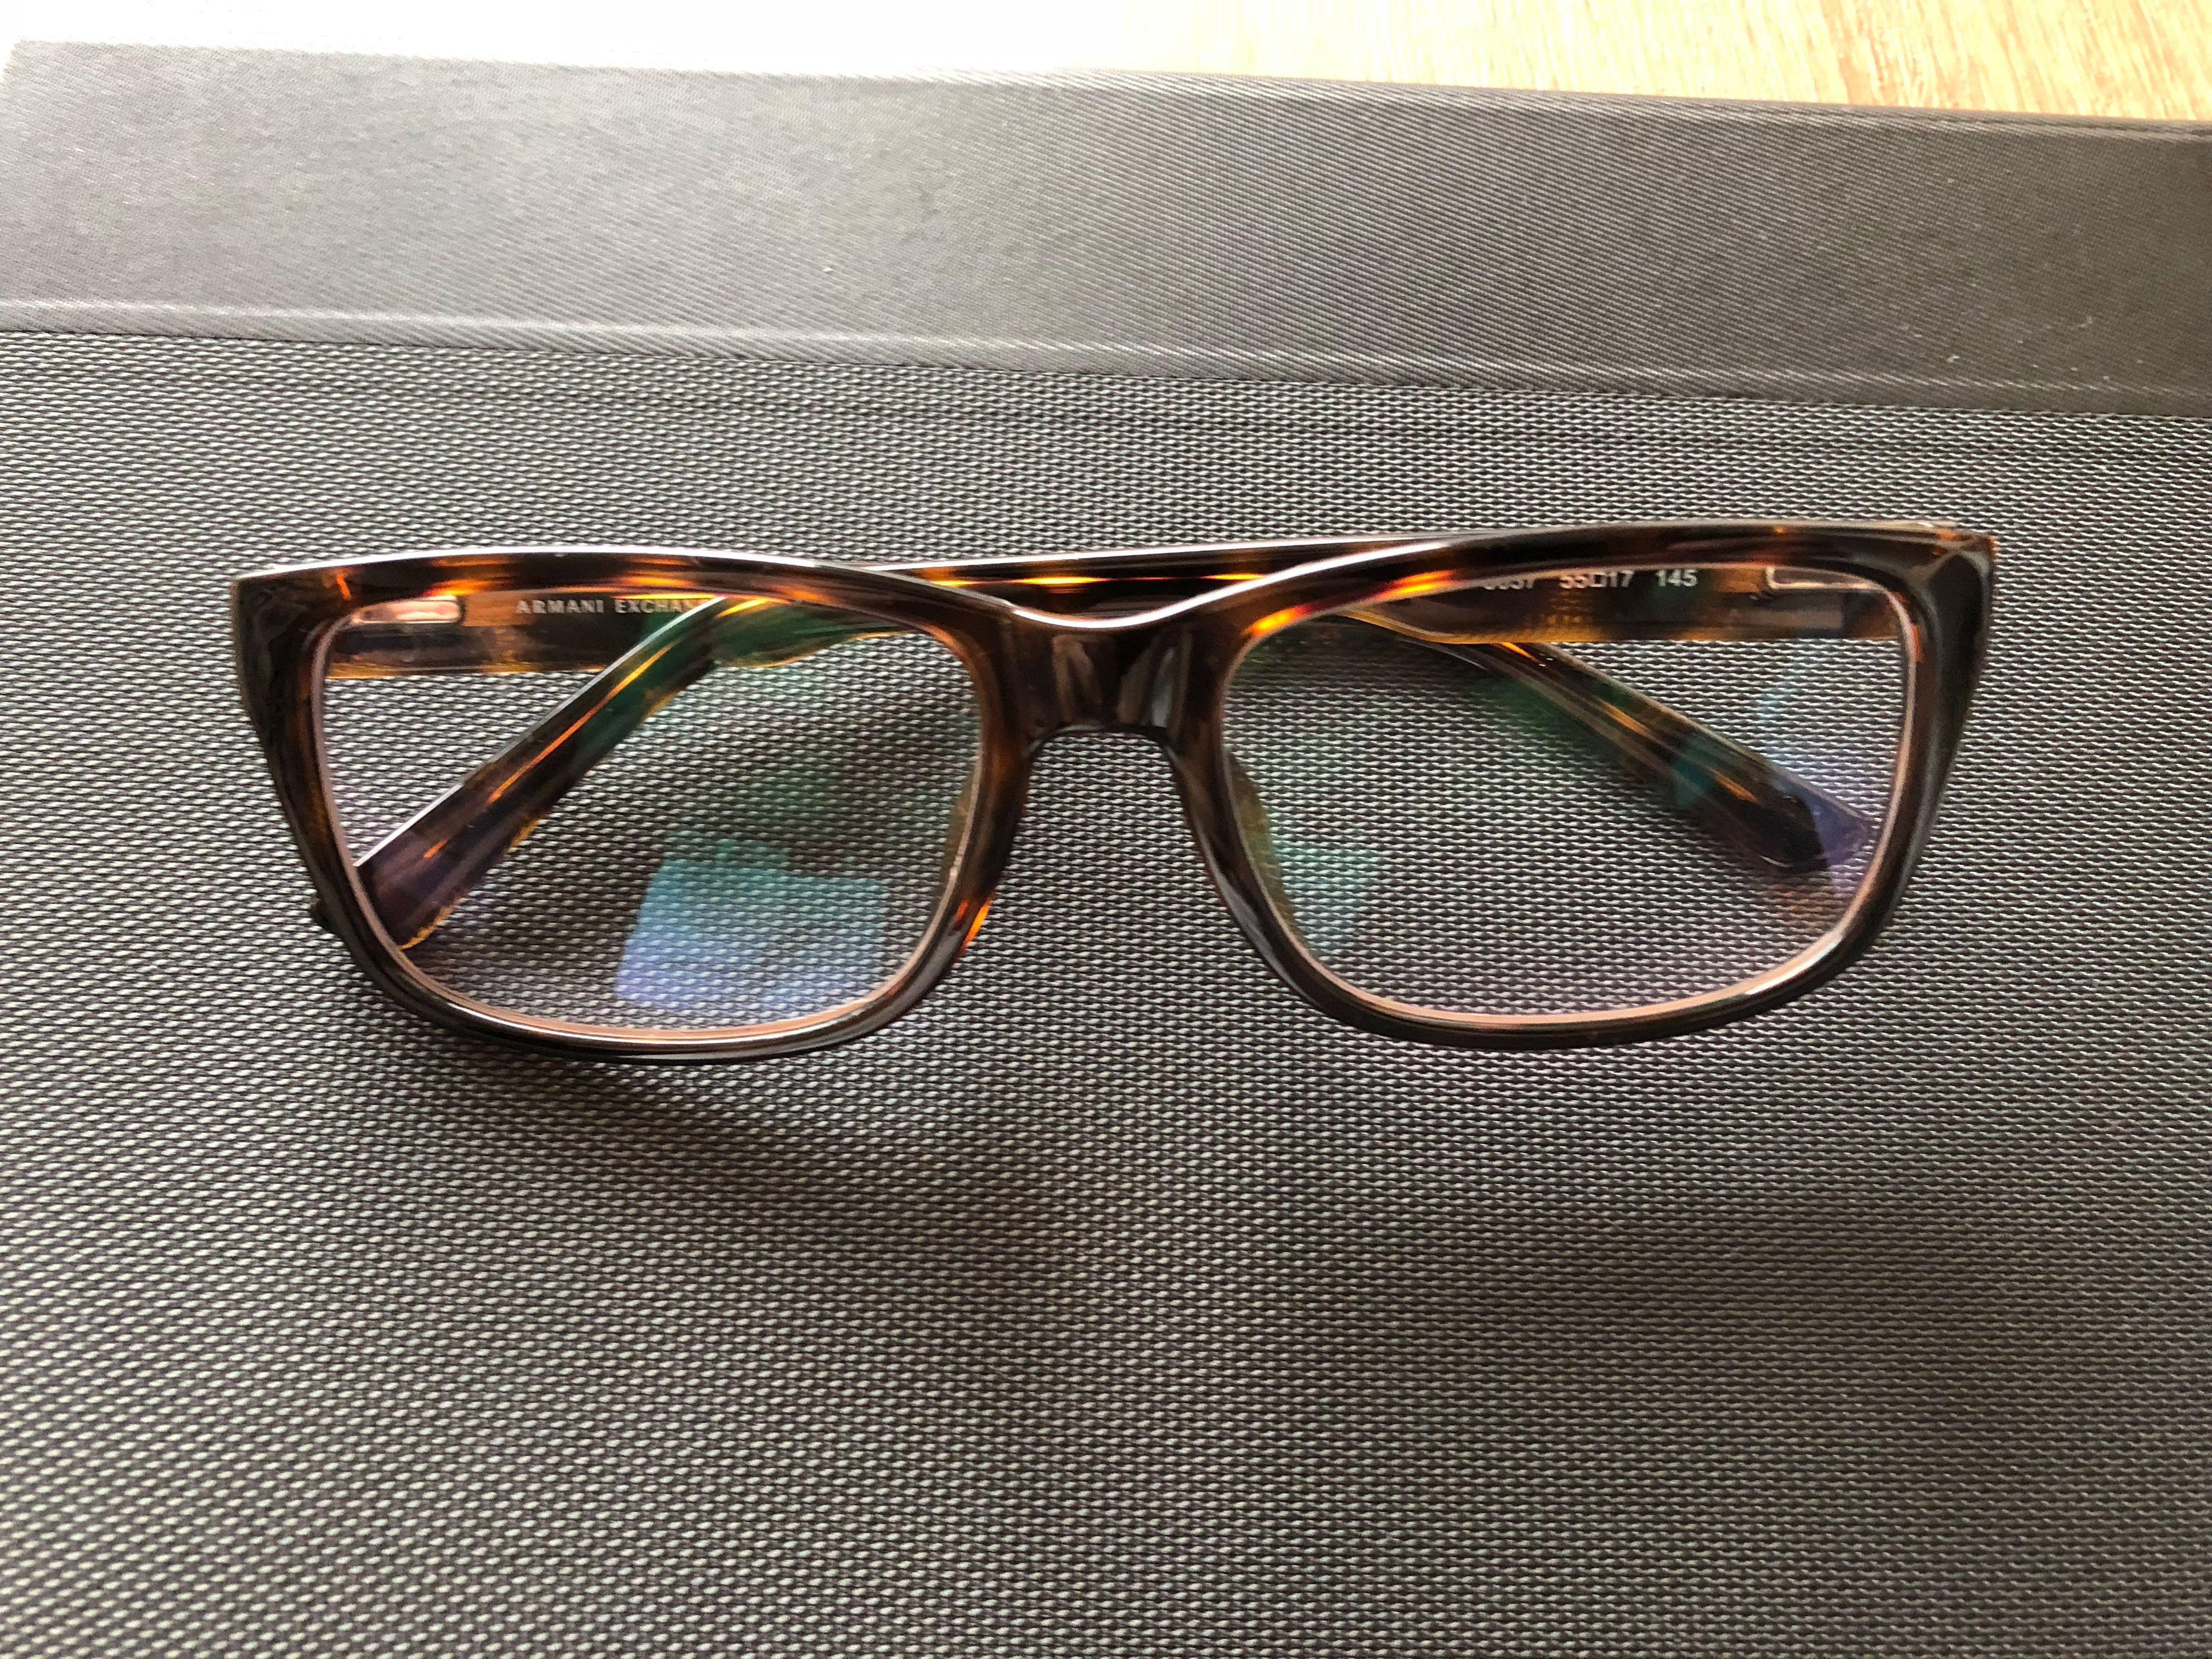 8025b518dd74 Mint Armani exchange ax specs glasses